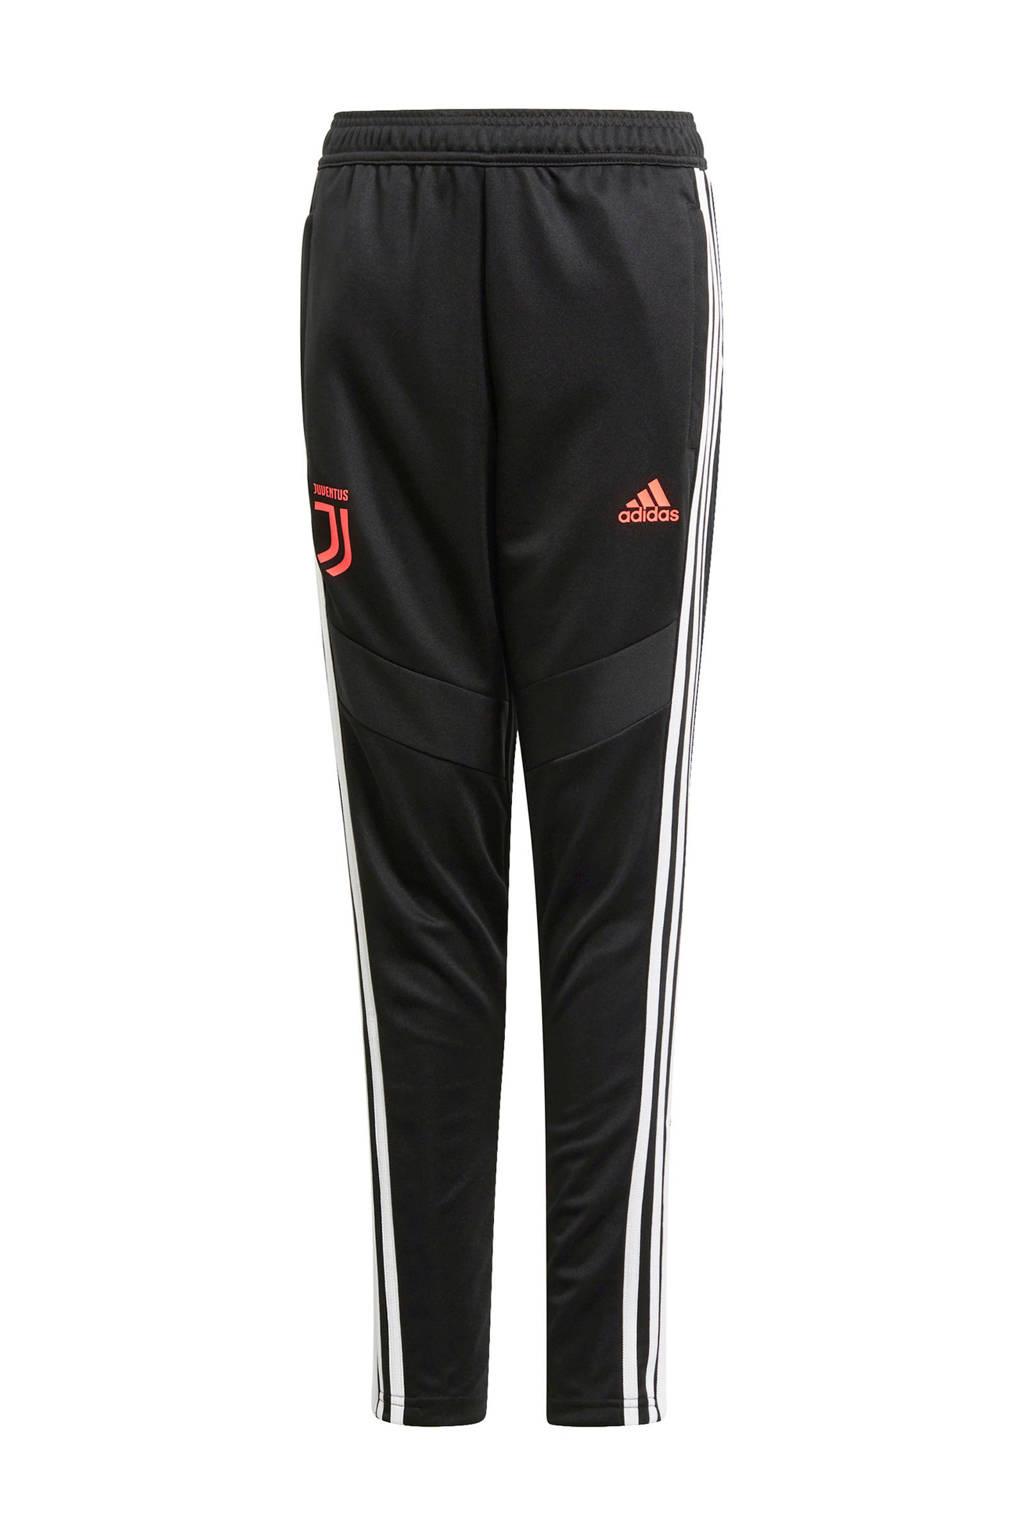 adidas Junior Juventus voetbalbroek Training, Zwart/wit